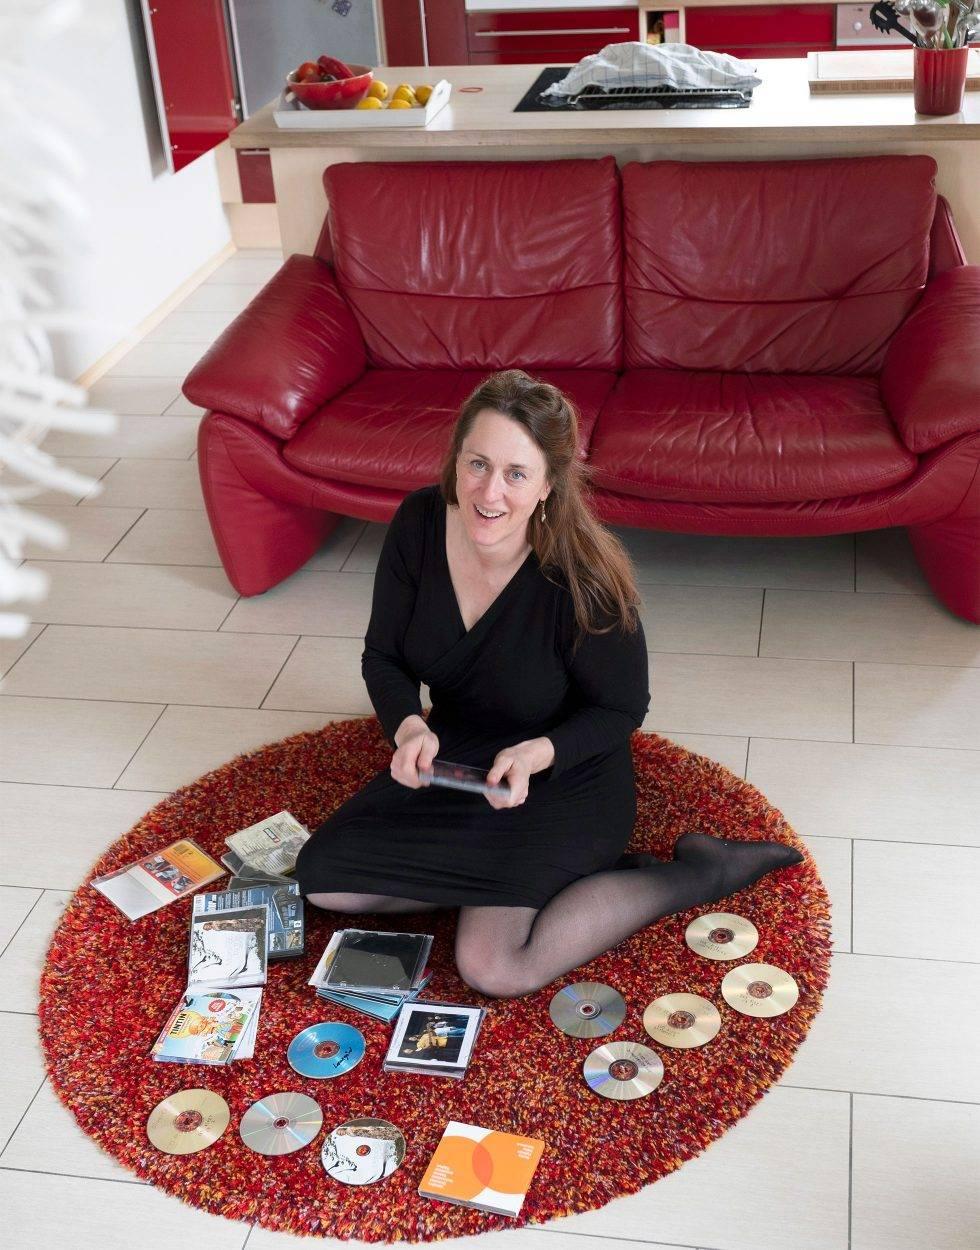 En medelålders kvinna med brunt hår sitter på en matta med cd-skivor utspridda kring sig.